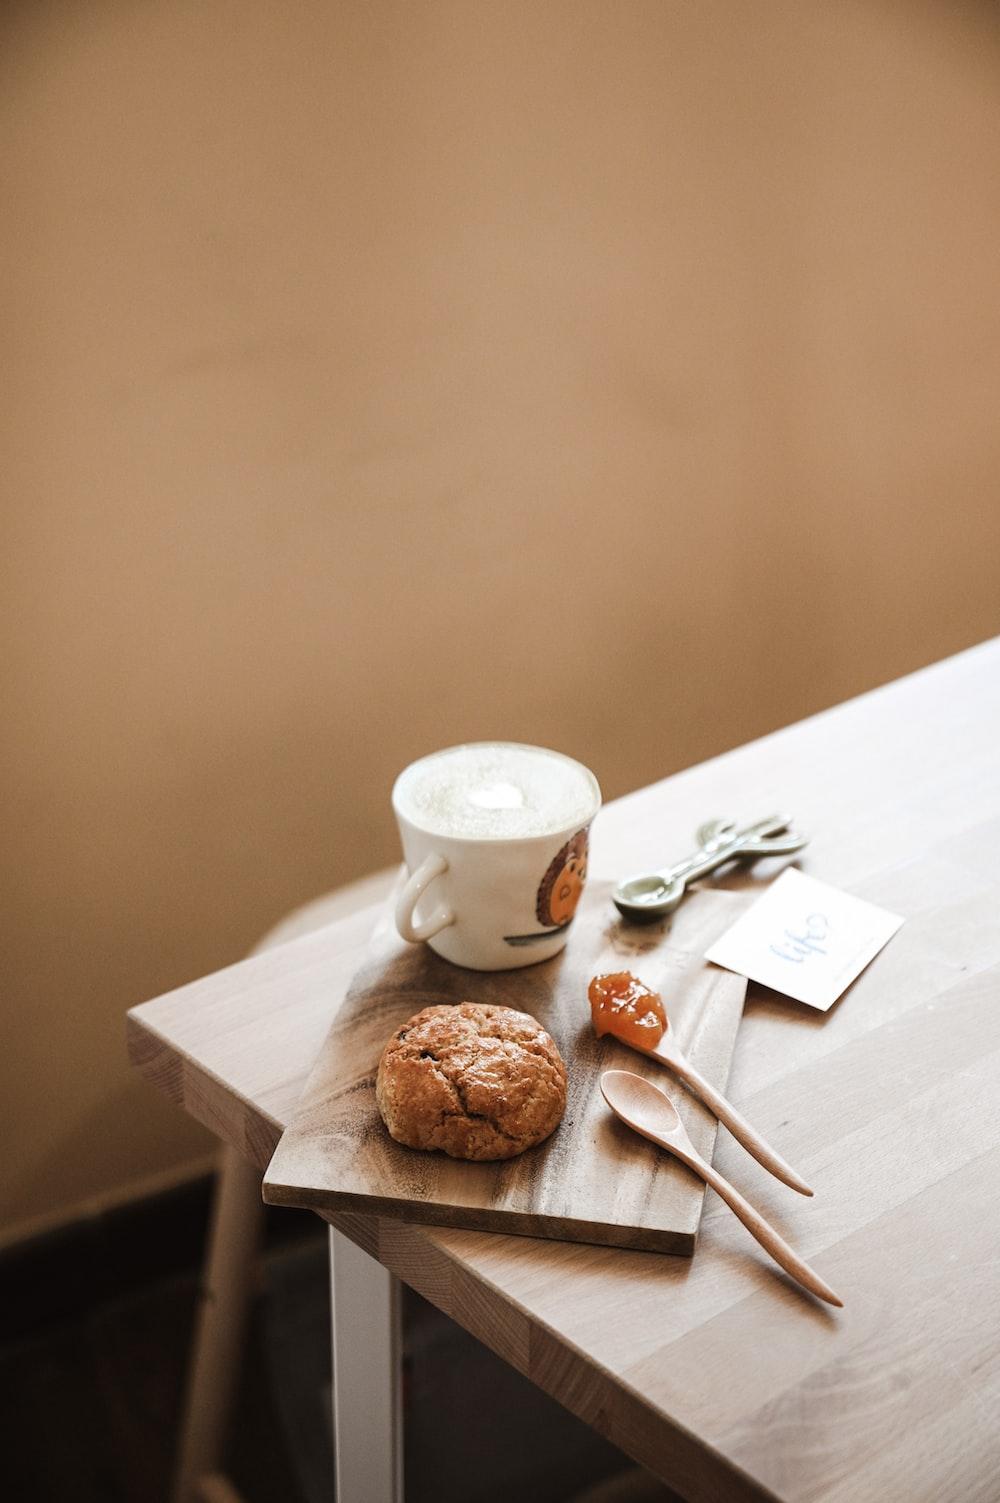 white ceramic mug beside brown bread on white wooden table